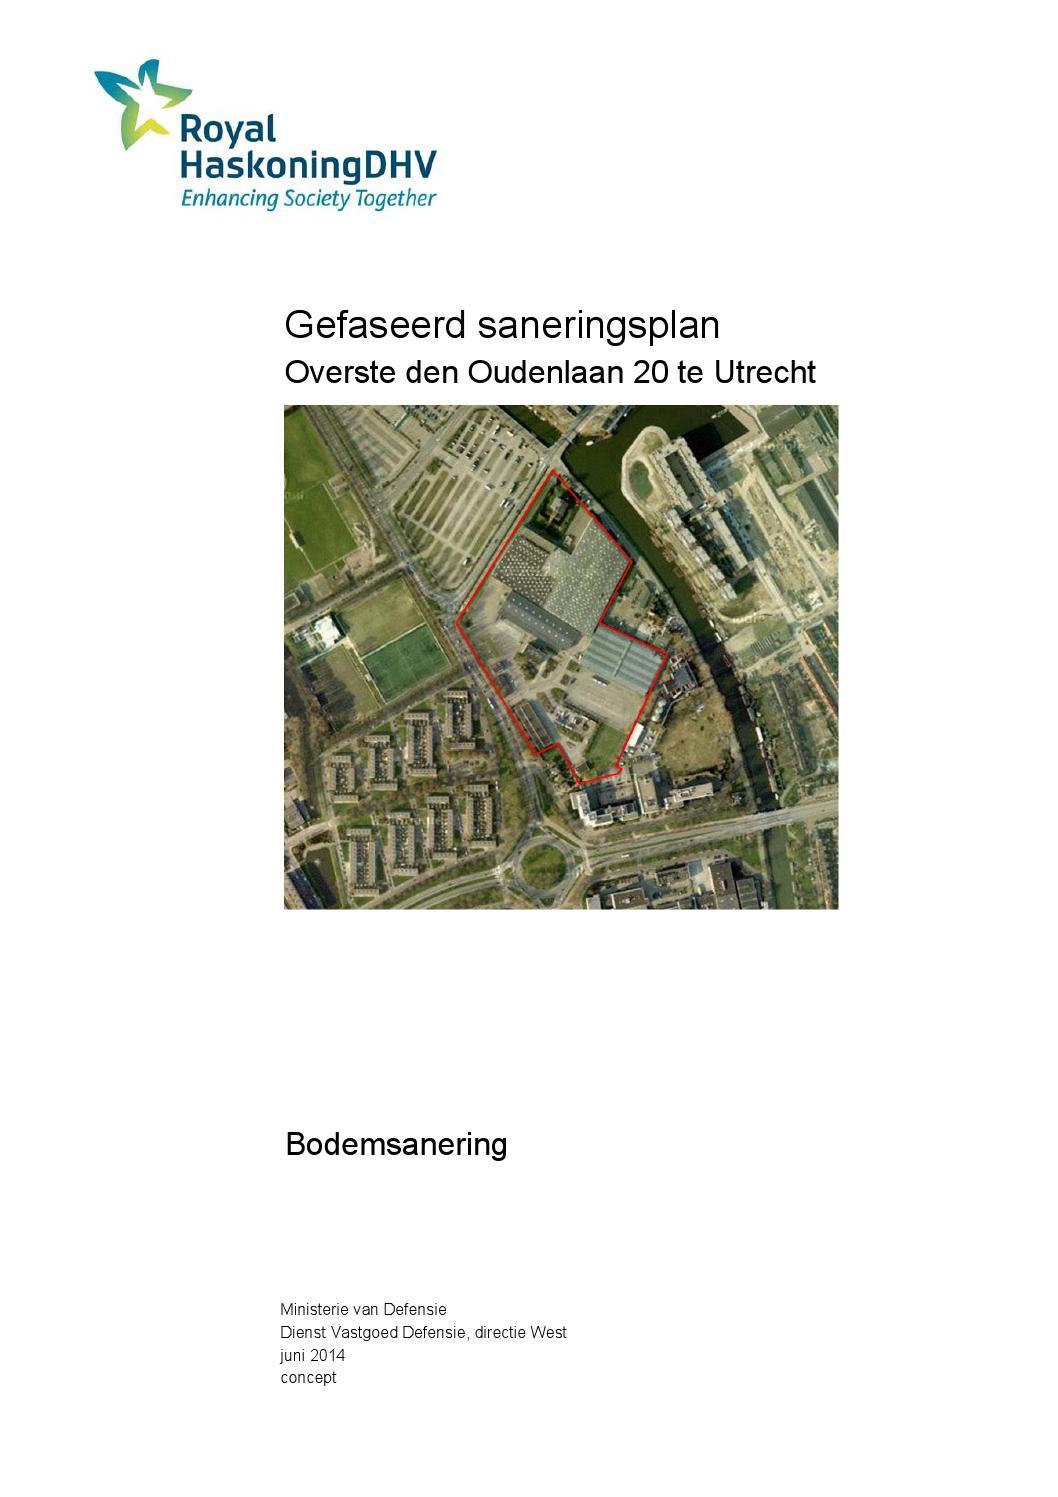 Saneringsplan Kazerneterrein Overste Den Oudenlaan 20 by Bouwput Utrecht -  issuu